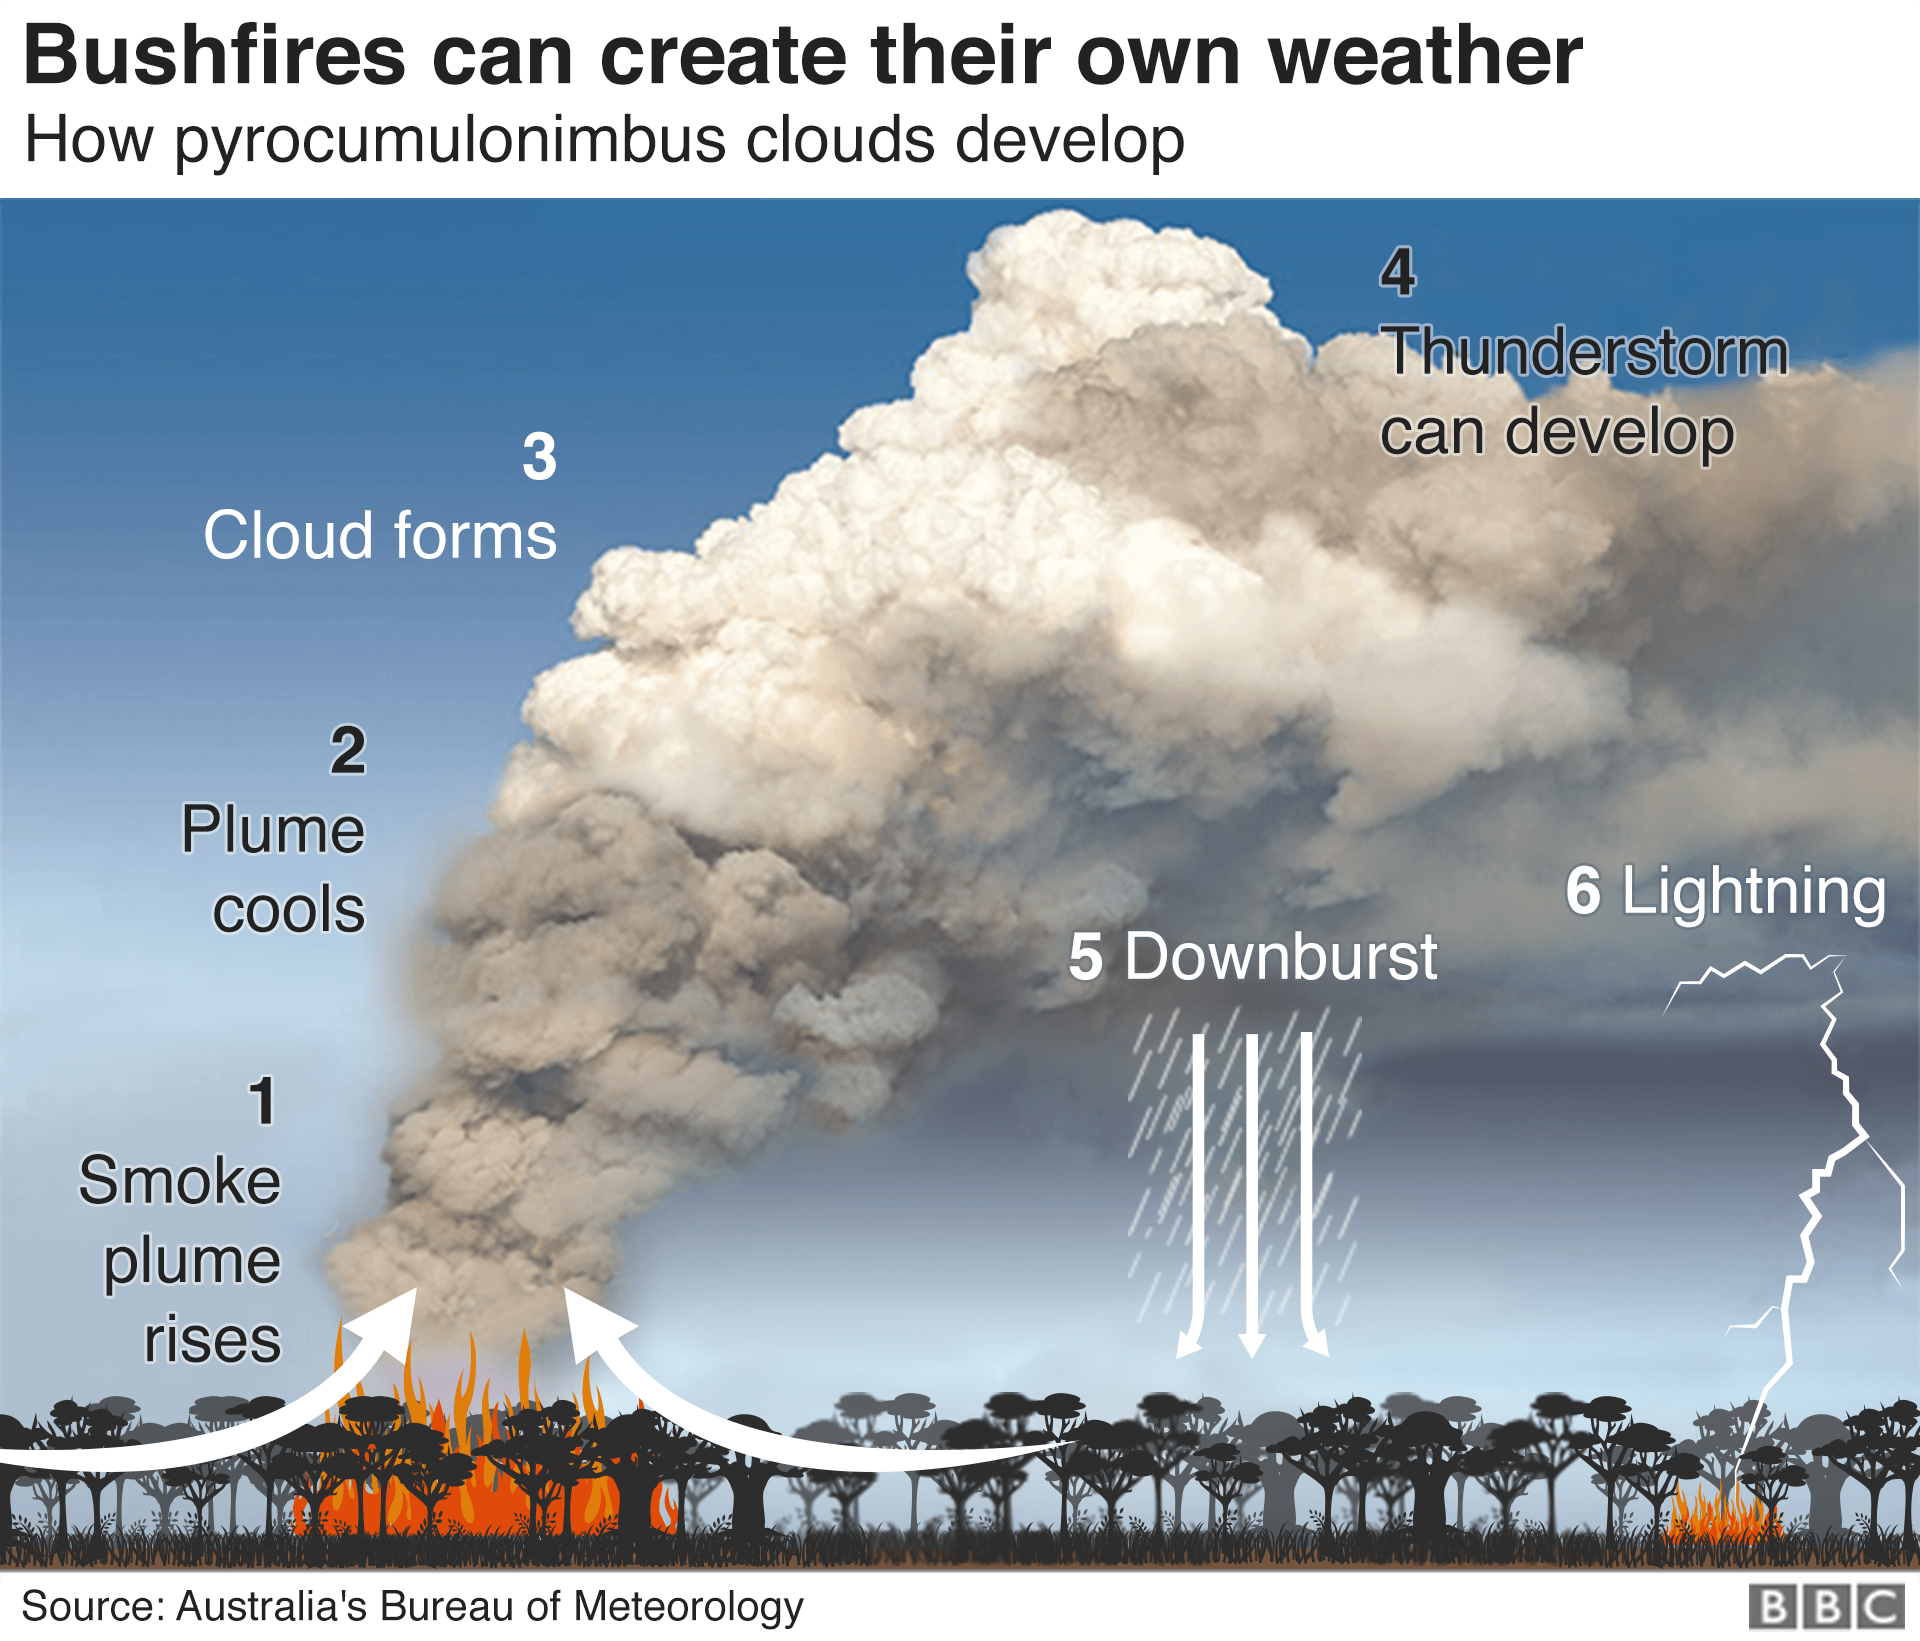 A visual guide to Australia's bushfire crisis in 2020